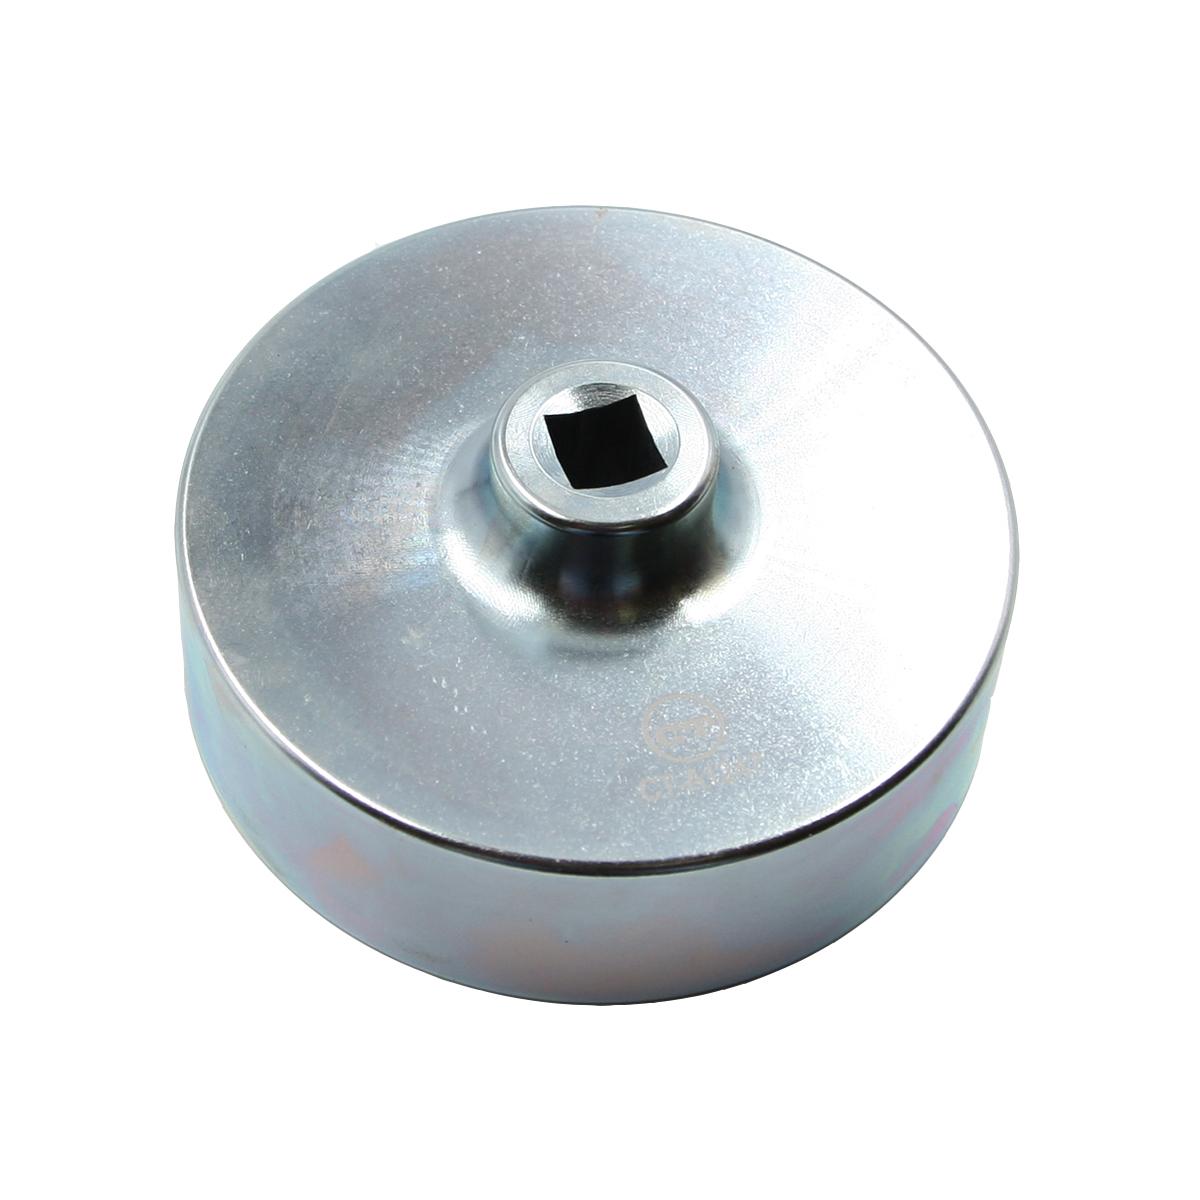 Ключ масляного фильтра Volvo 107 мм 15 граней Car-Tool CT-A1247